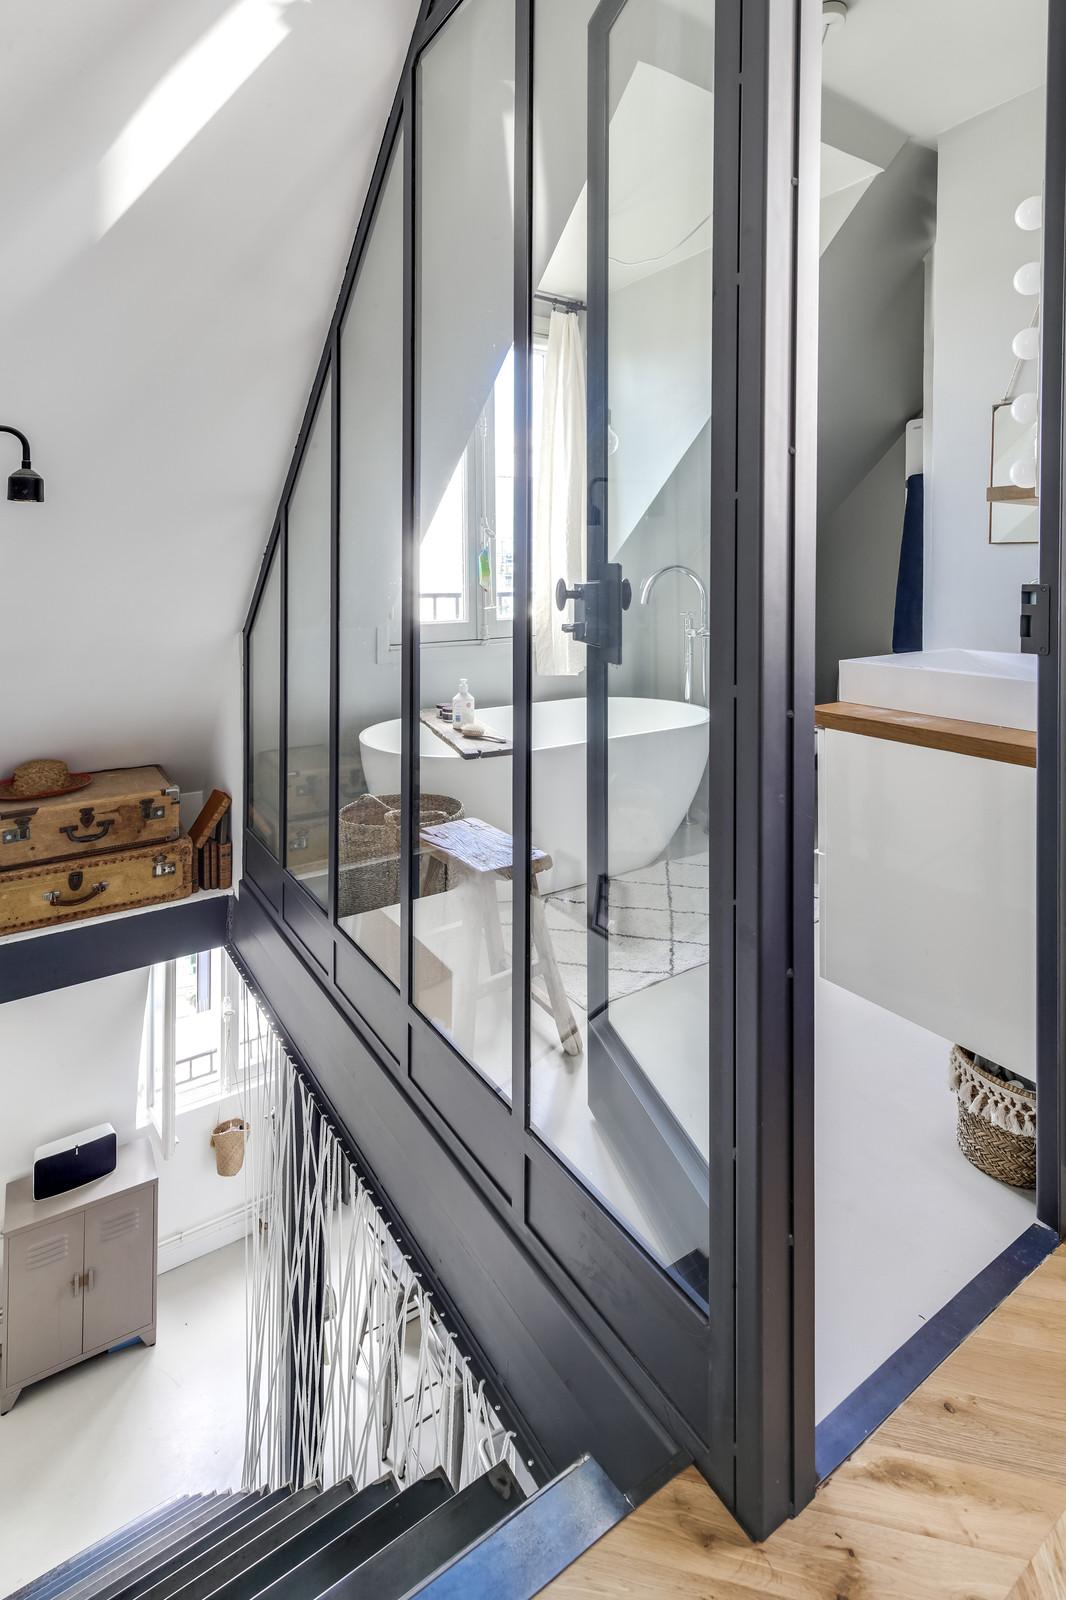 Salle de bain avec verrière sécurisée sur mesure